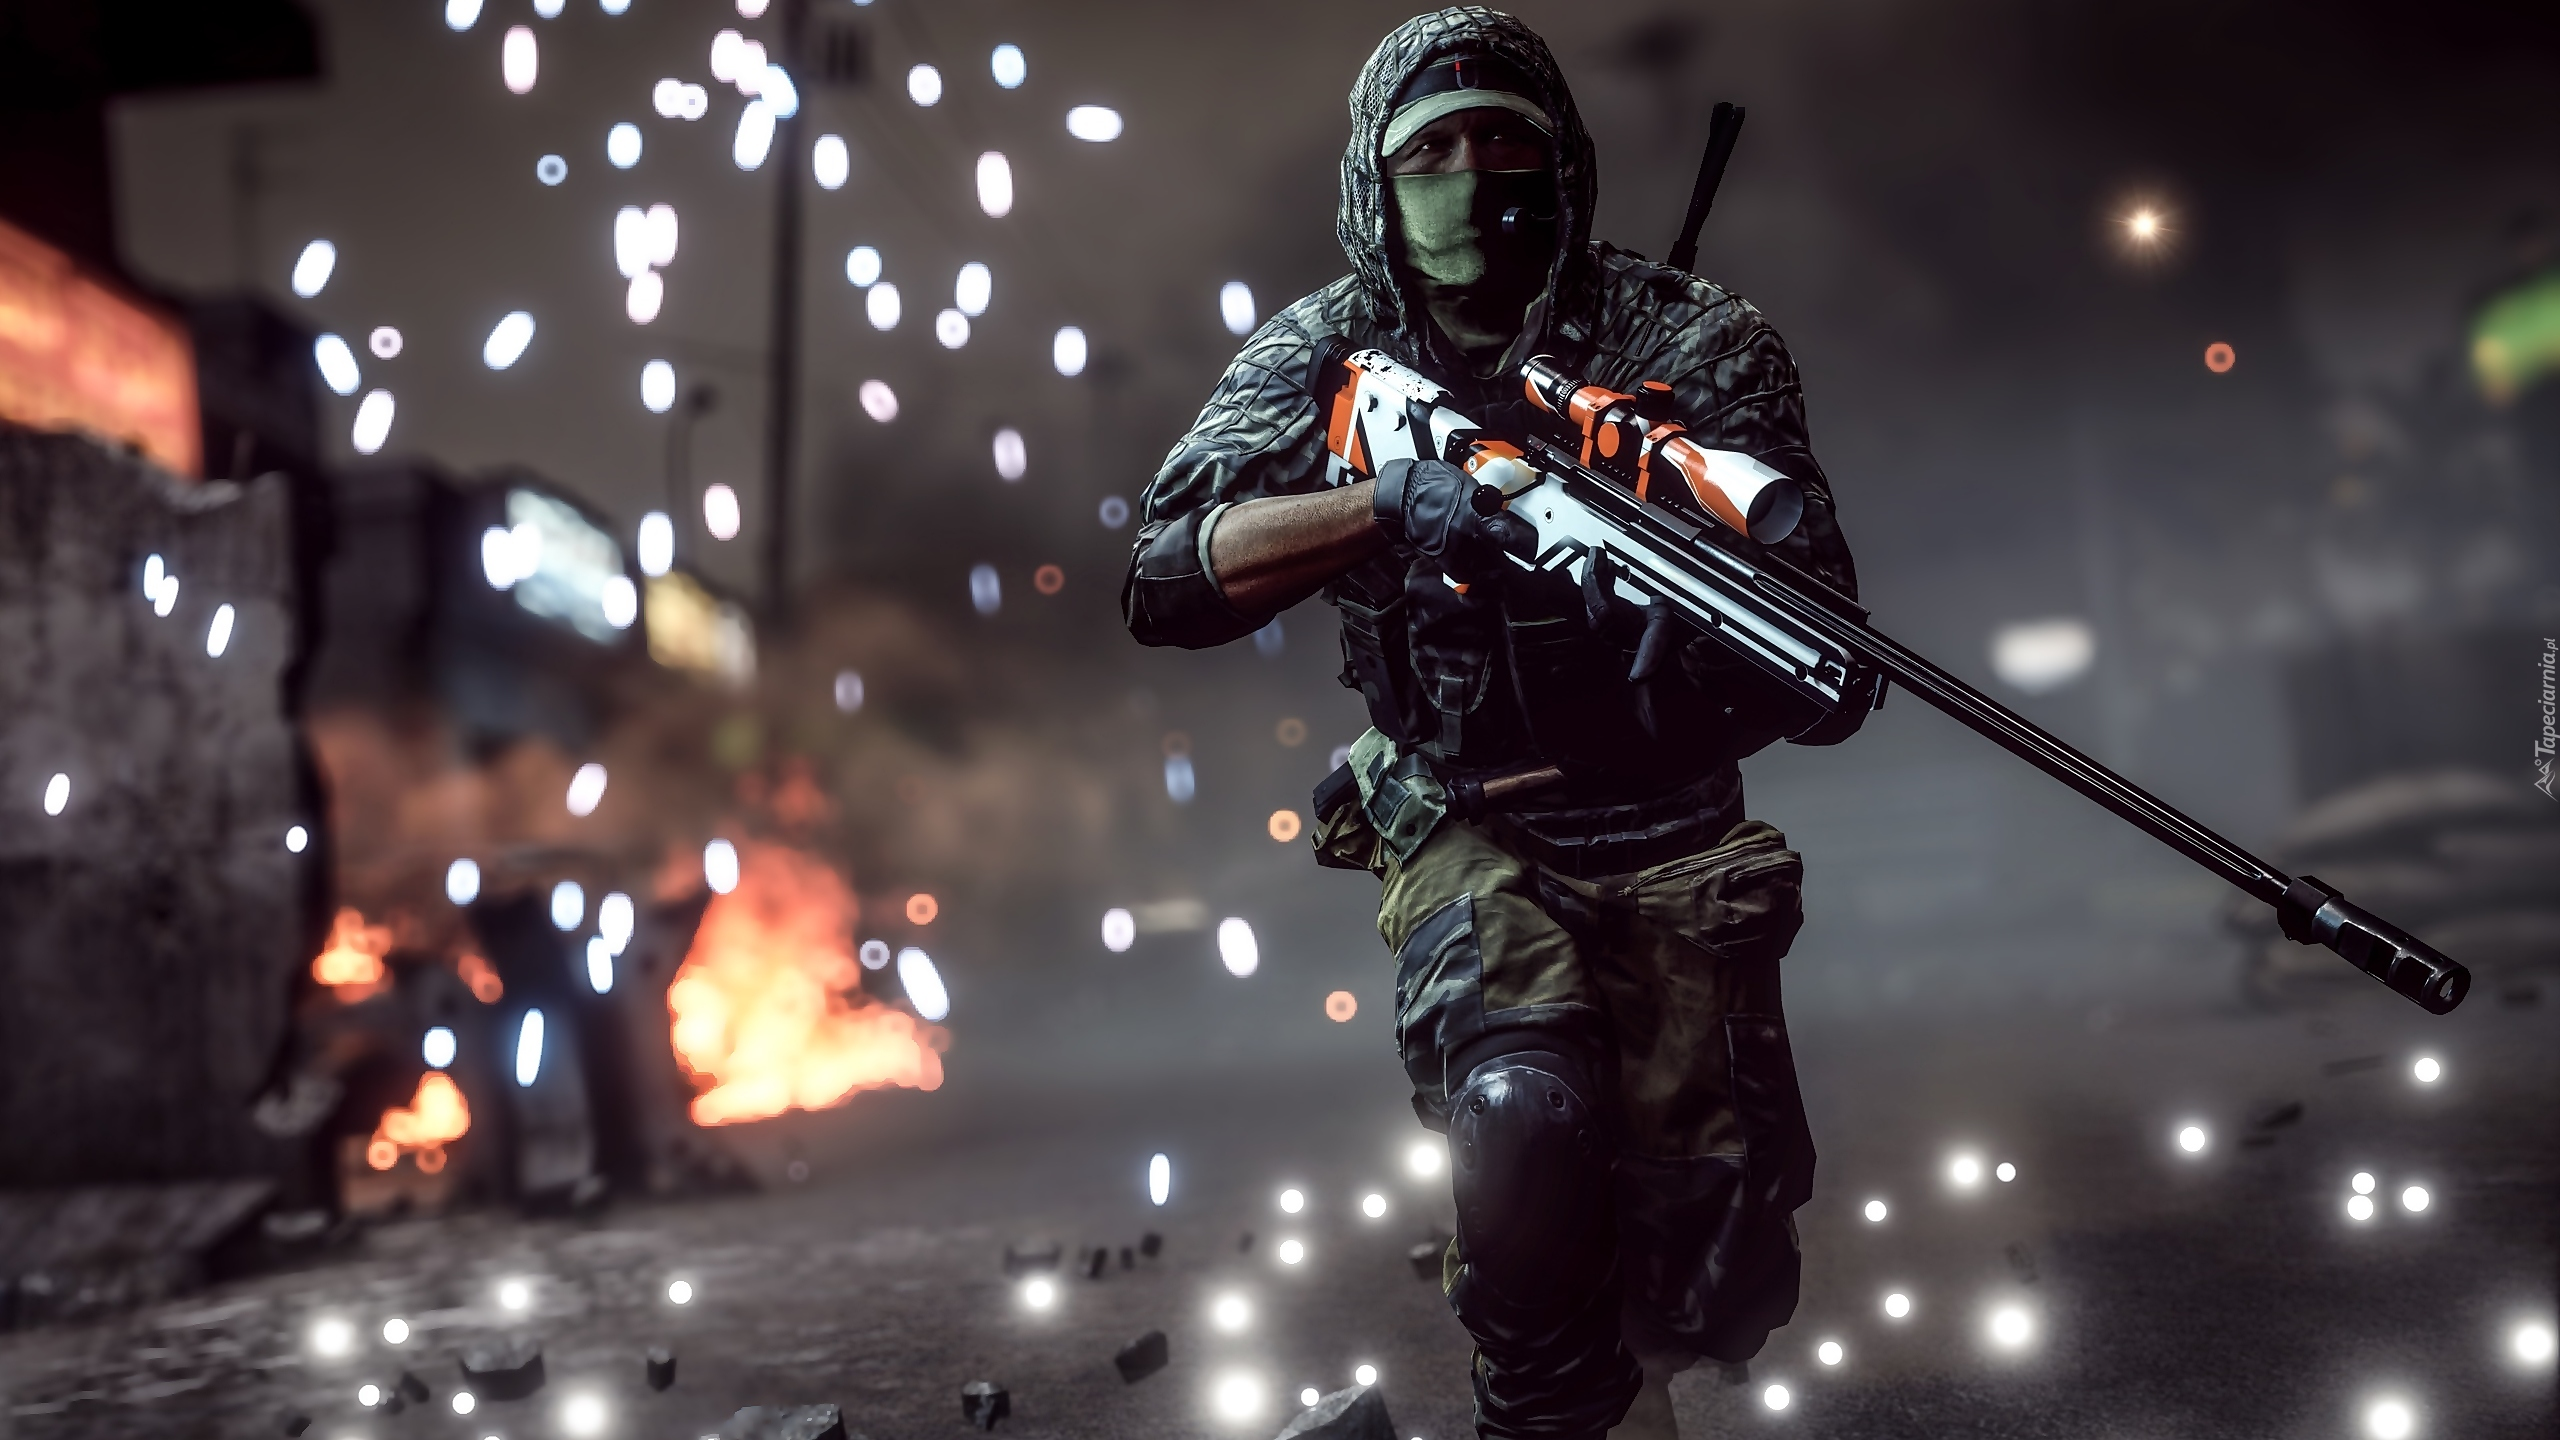 Wallpaper Pubg Żołnierz Z Karbinem W Scenie Z Gry Battlefield 4